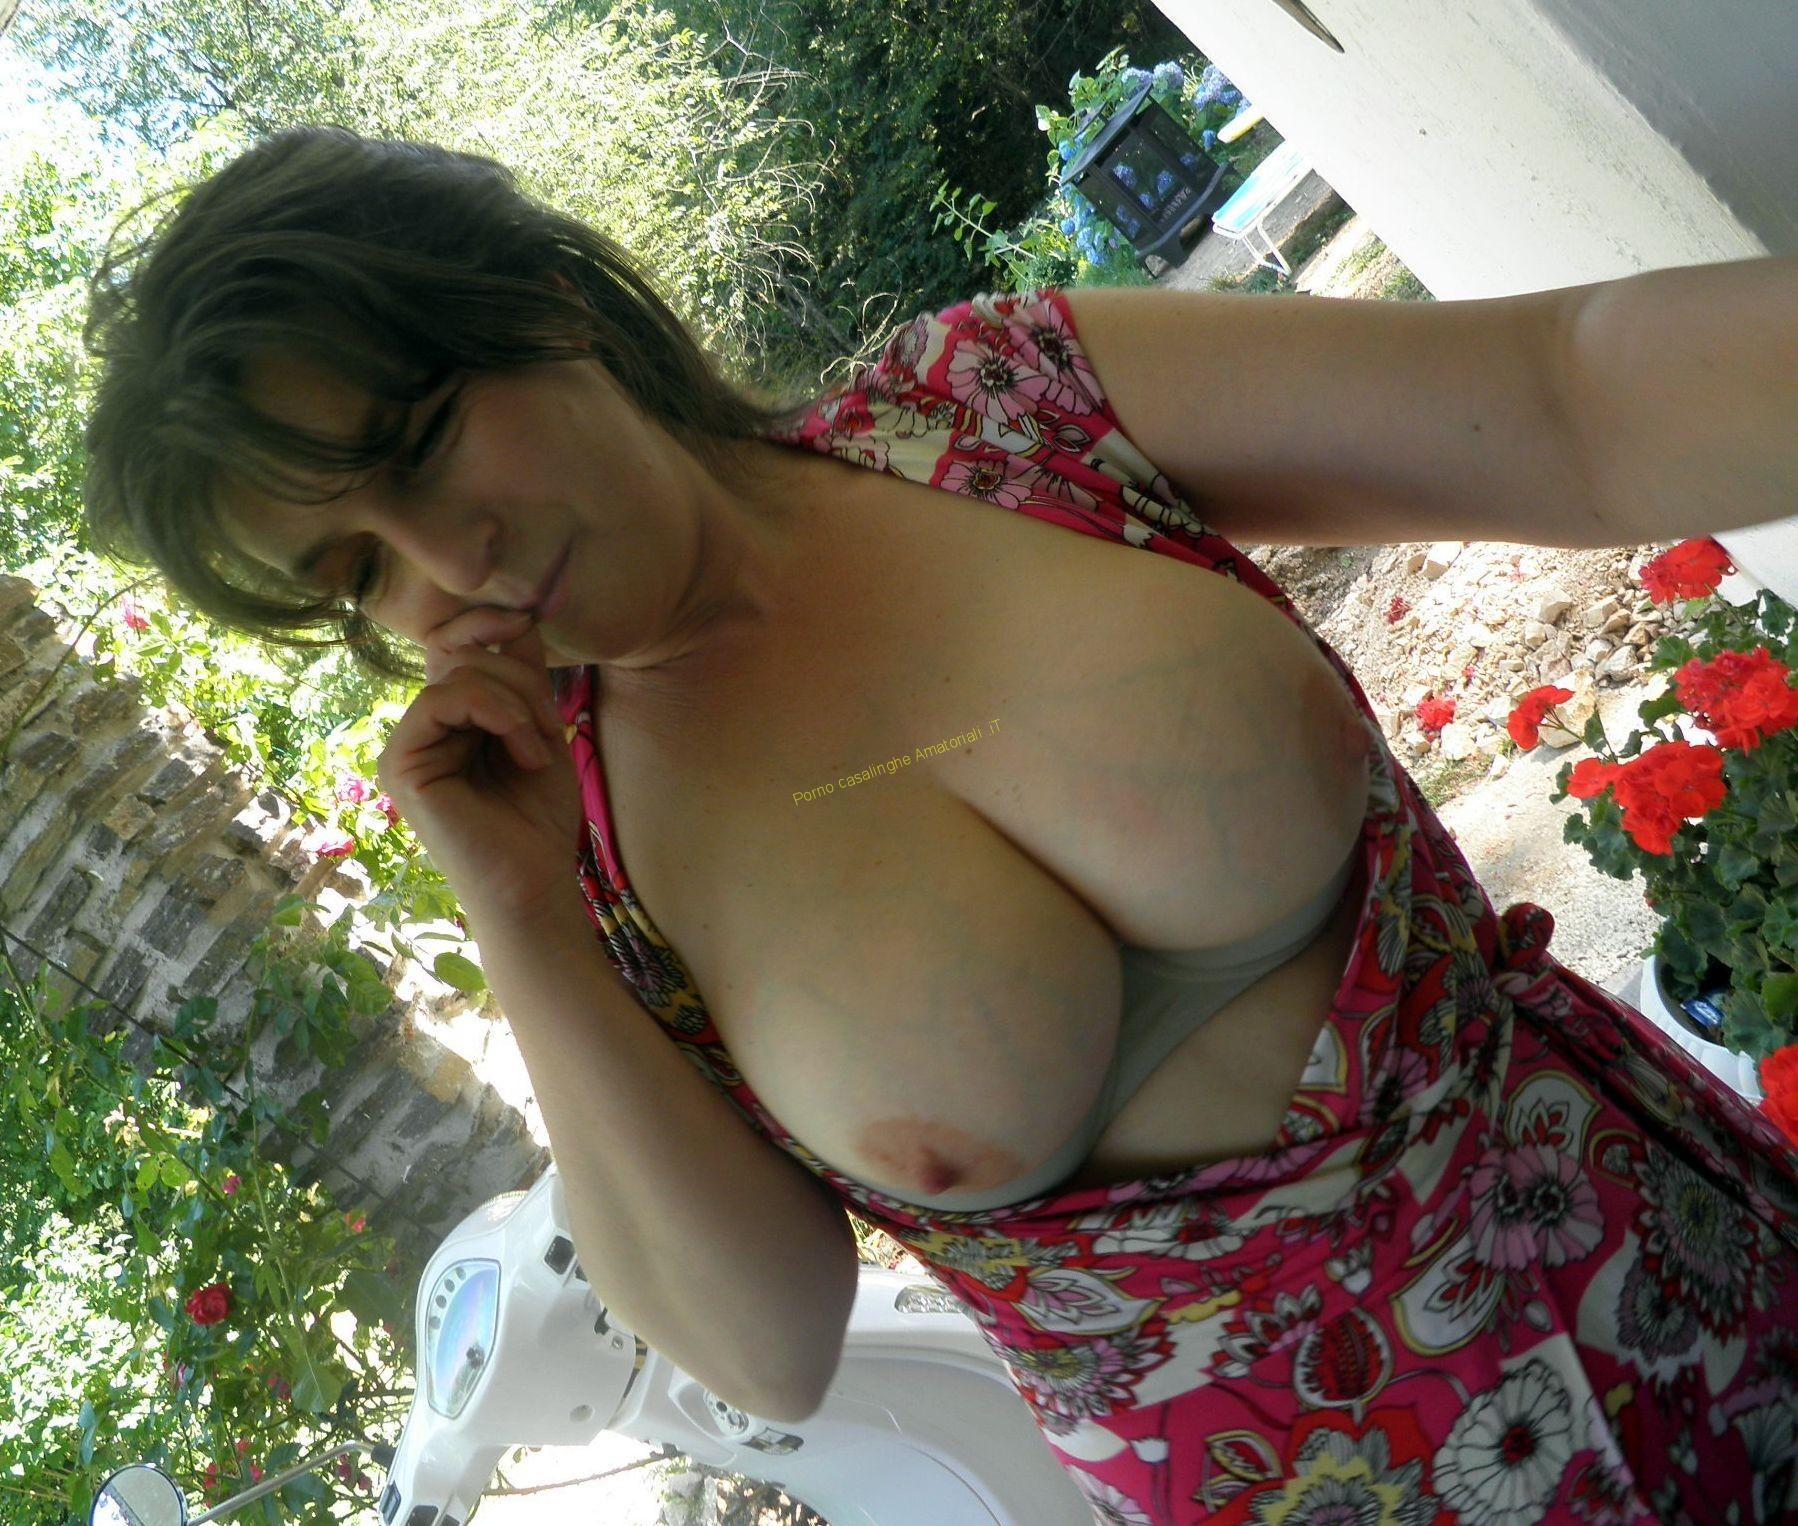 amatoriale porno italiano tette grosse